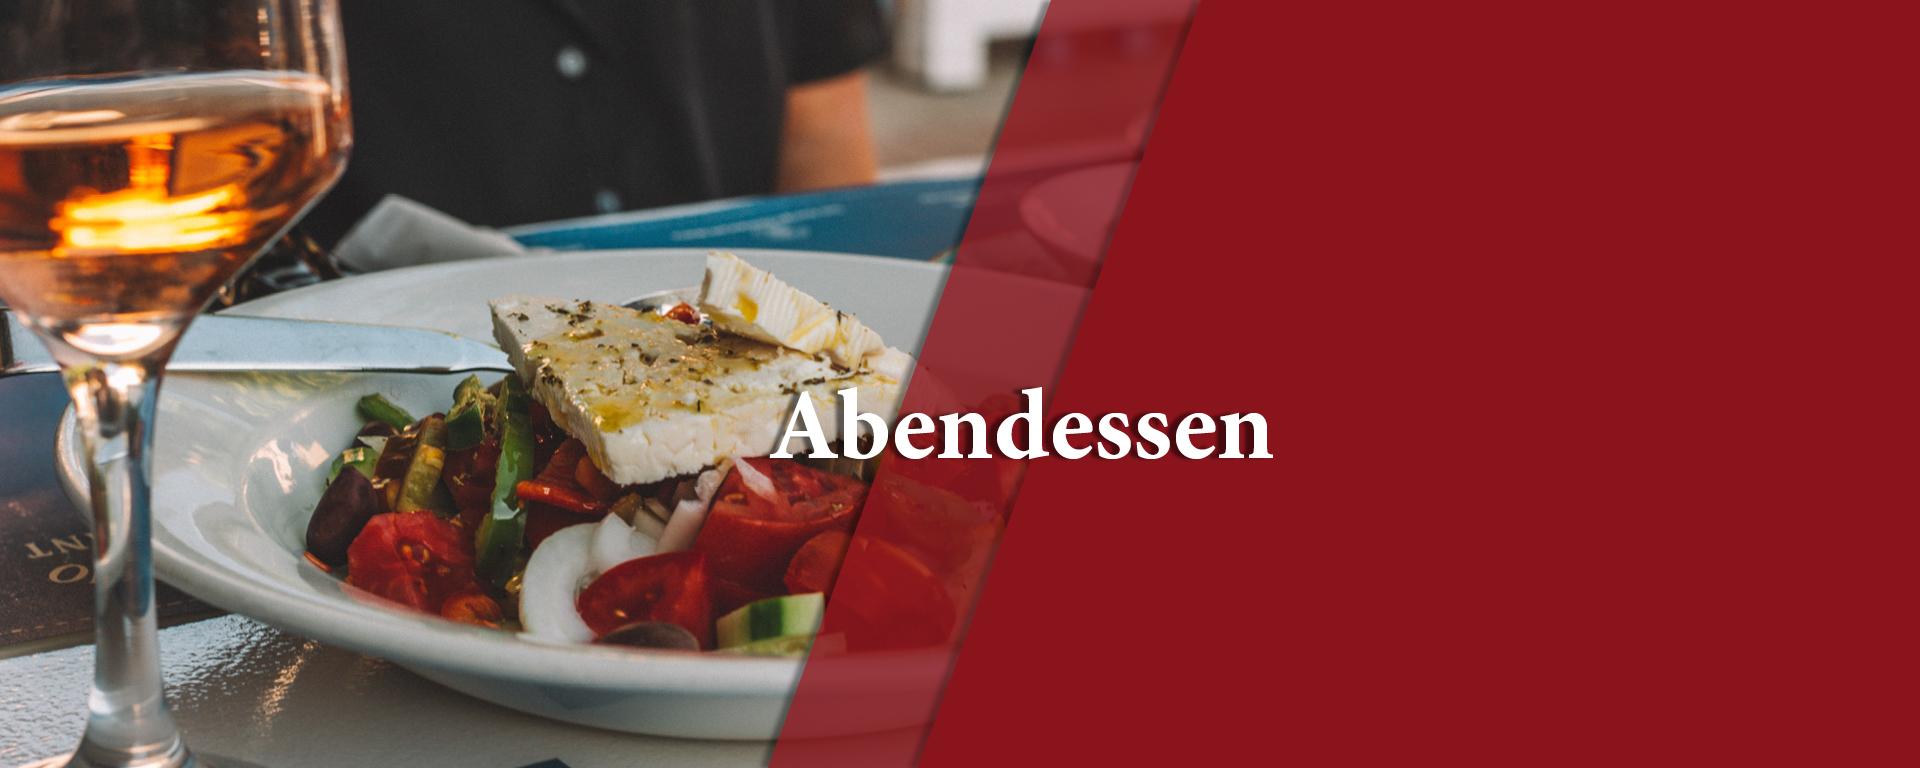 Abendessen in Kornwestheim, Grischische Küche, Essen